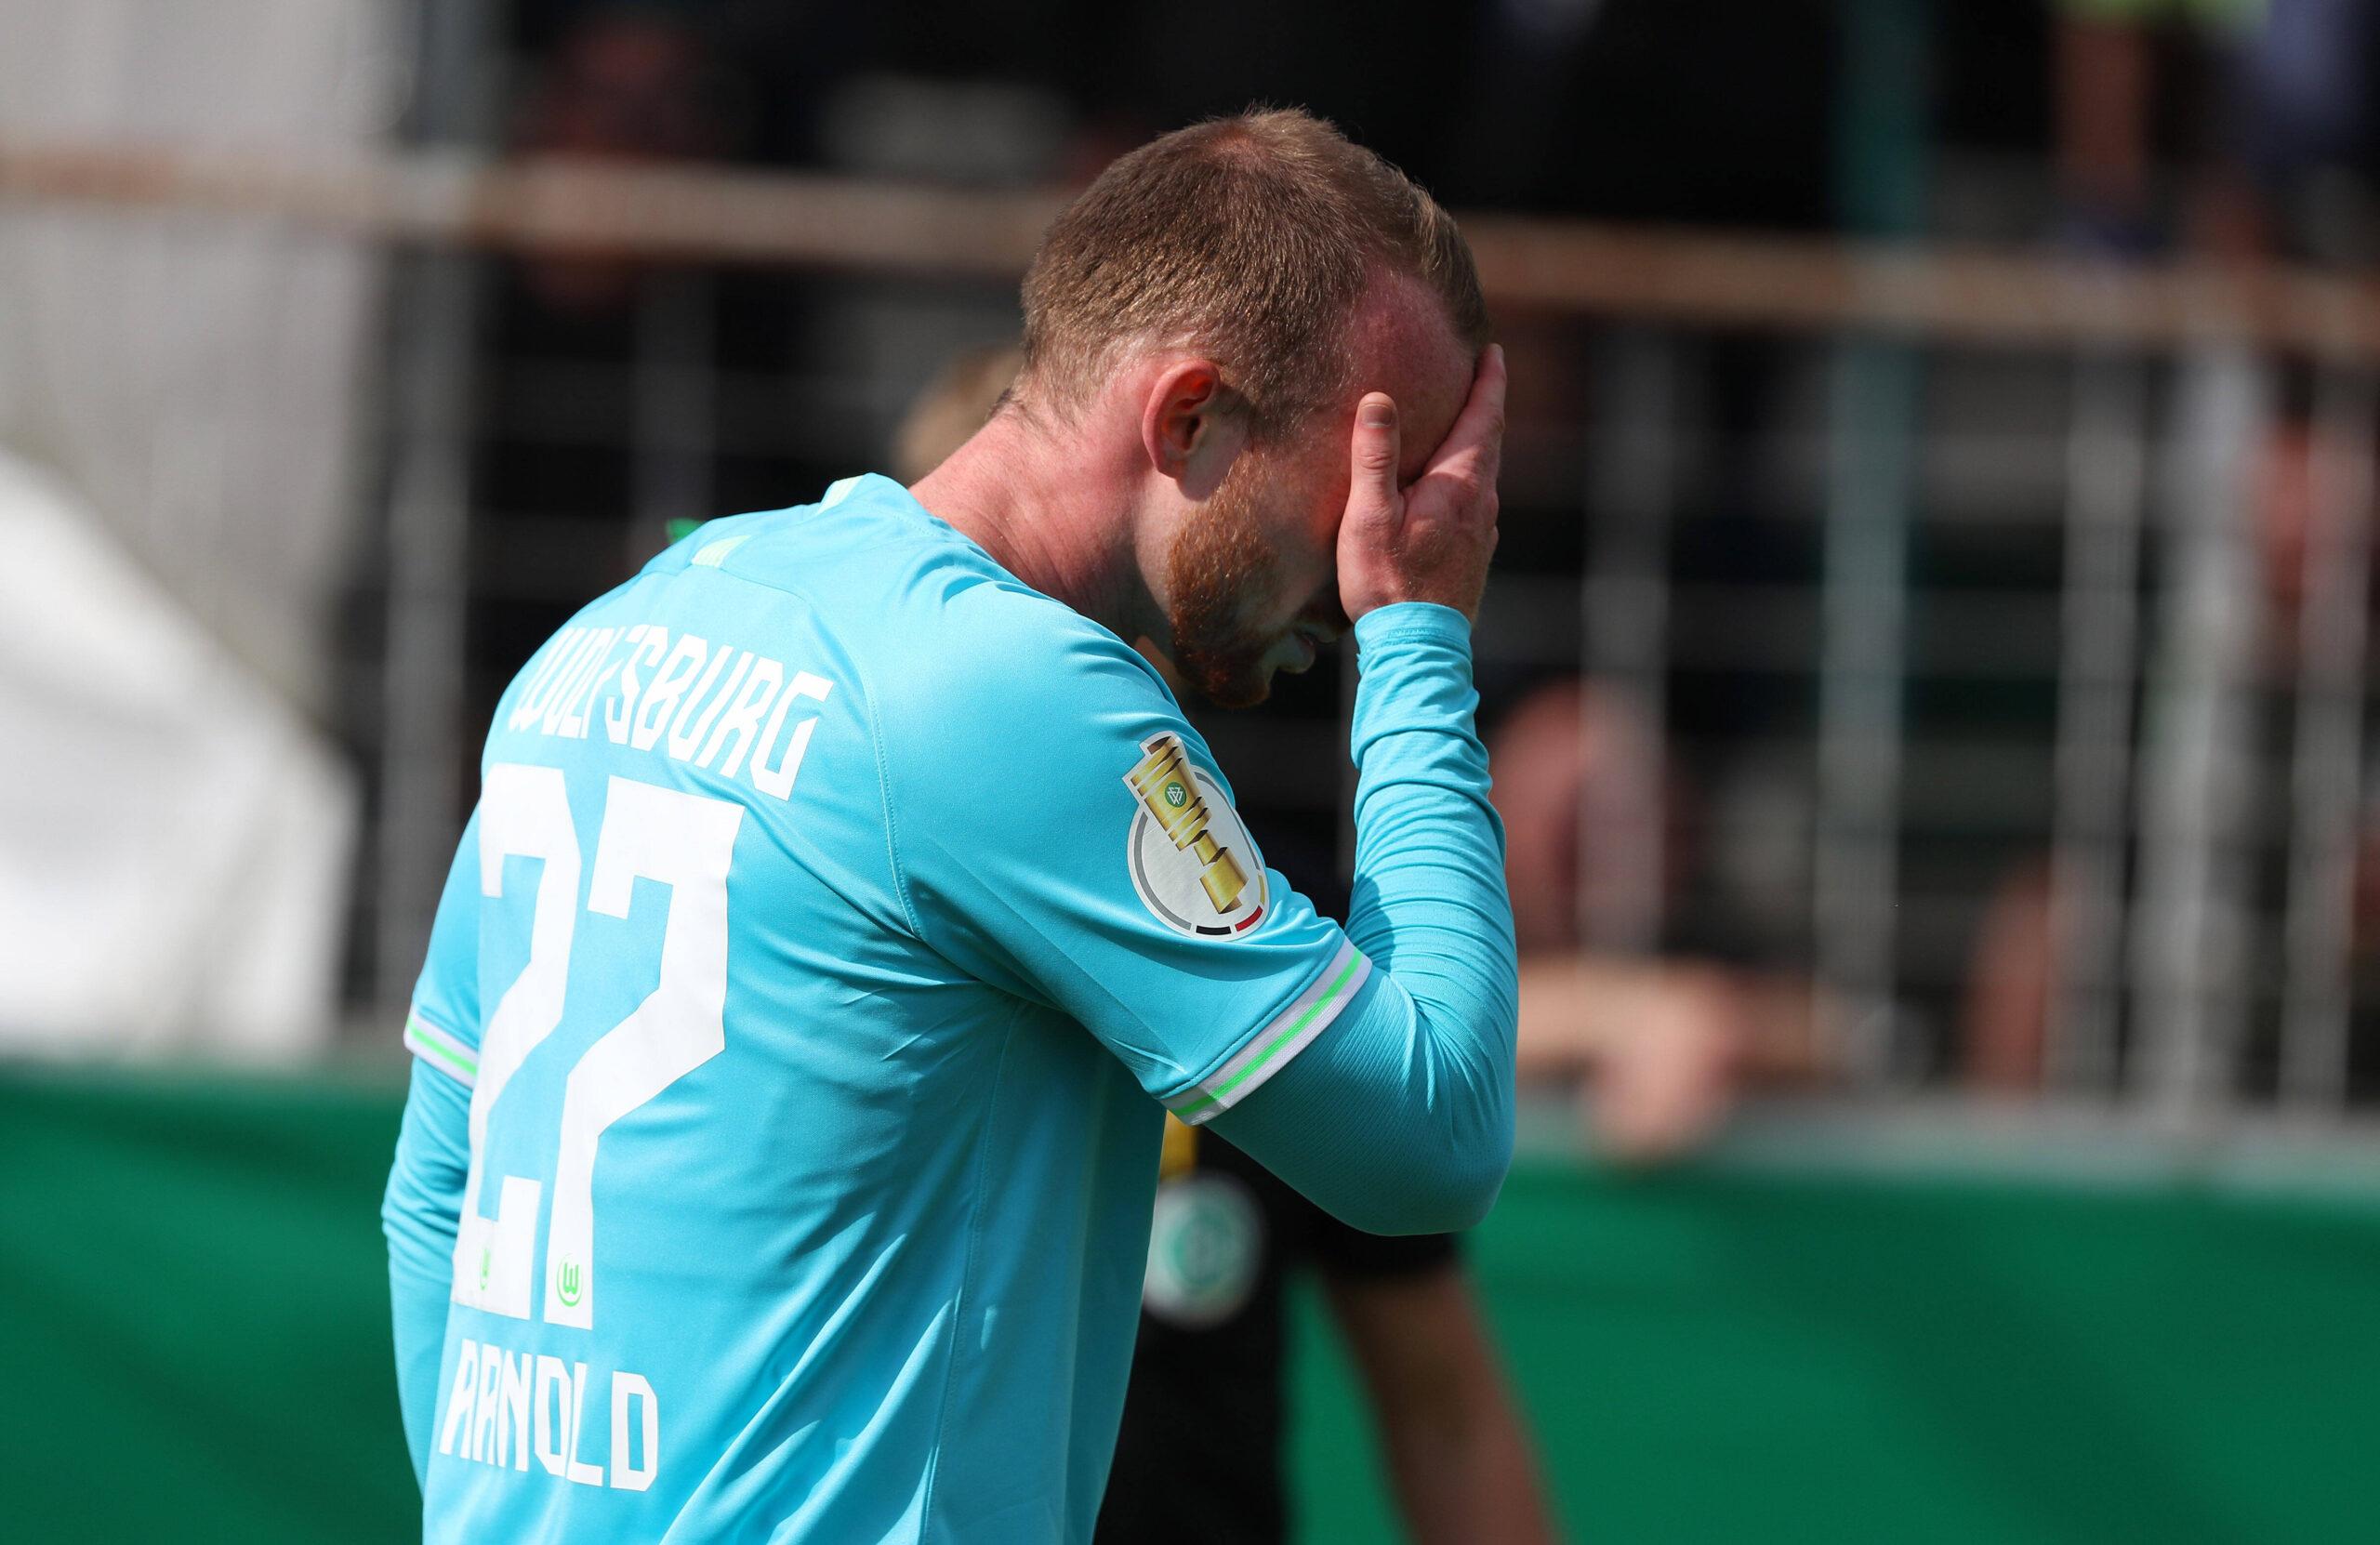 El lamento de VfL Wolfsburg ante la torpeza de hacer más cambios de los permitidos en la DFB Pokal. Foto: Imago.